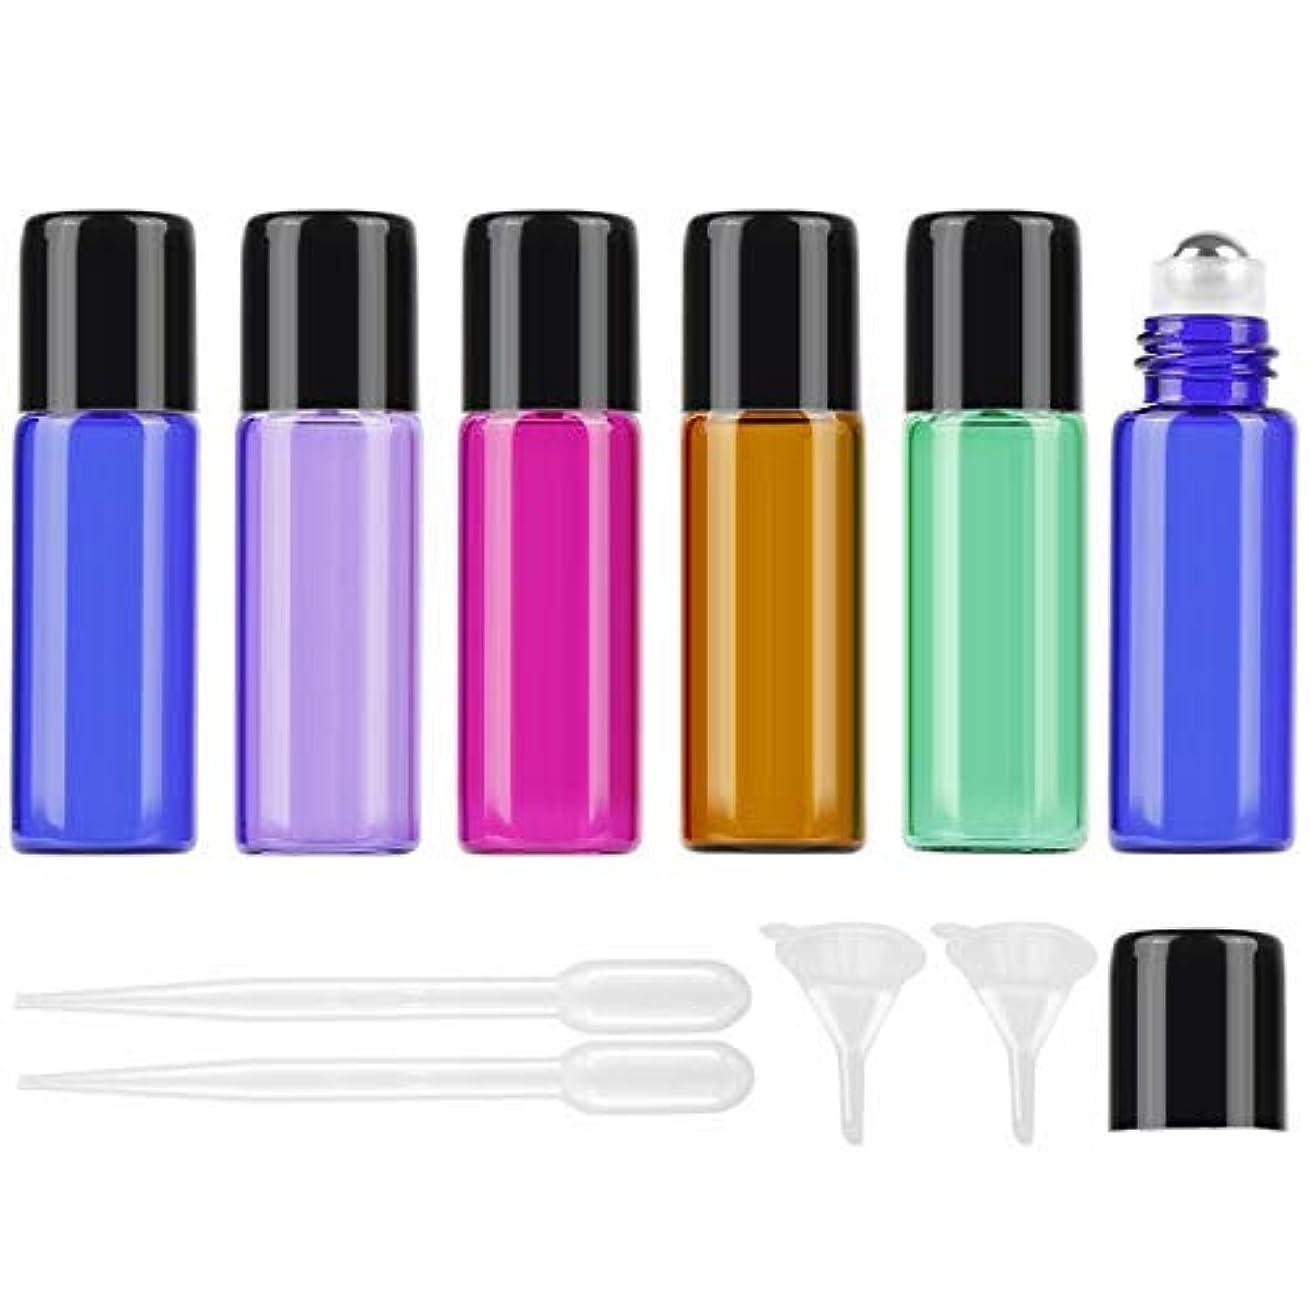 独創的ライオン考古学者25Pcs 5ml Colored Essential Oil Roller Bottles Vials Glass Cosmetic Travel Containers with Stainless Steel Roller...